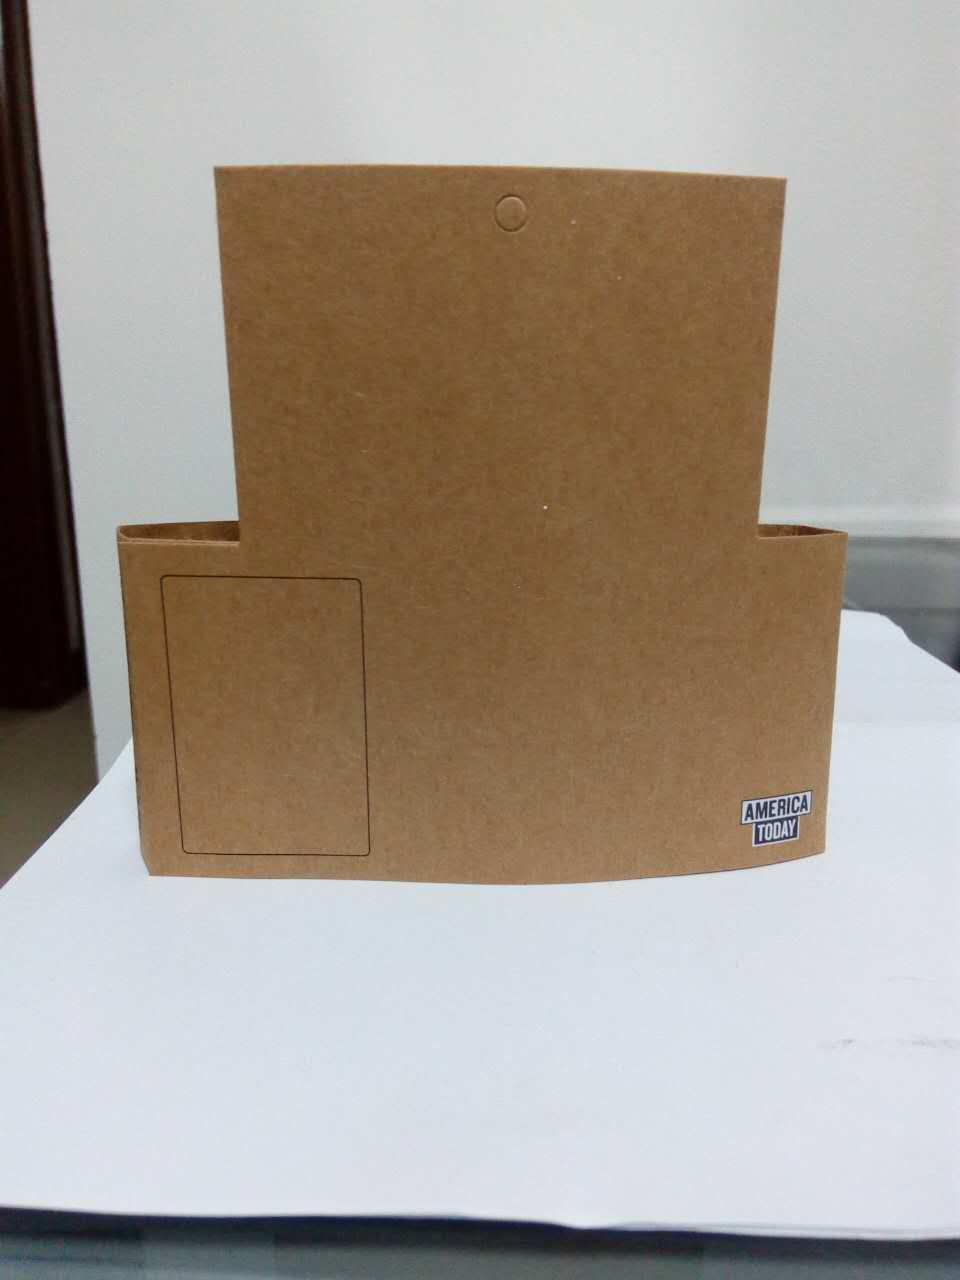 纸质印刷品 吊牌印刷 吊牌厂家 吊牌印刷哪家好 昆山纸质印刷品